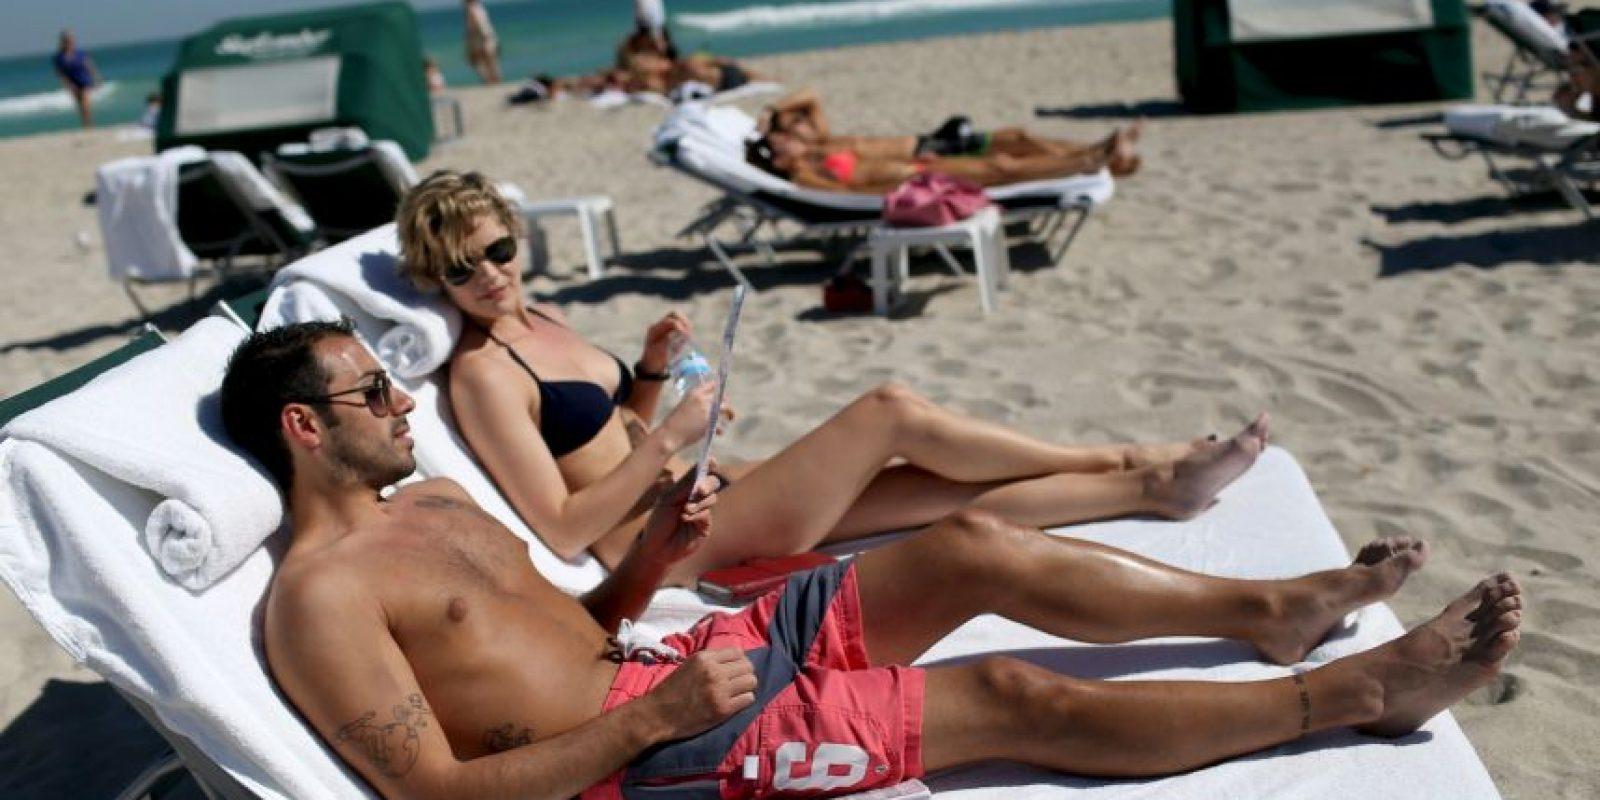 El atentado estaba planeado en una playa de Florida. Foto:Getty Images